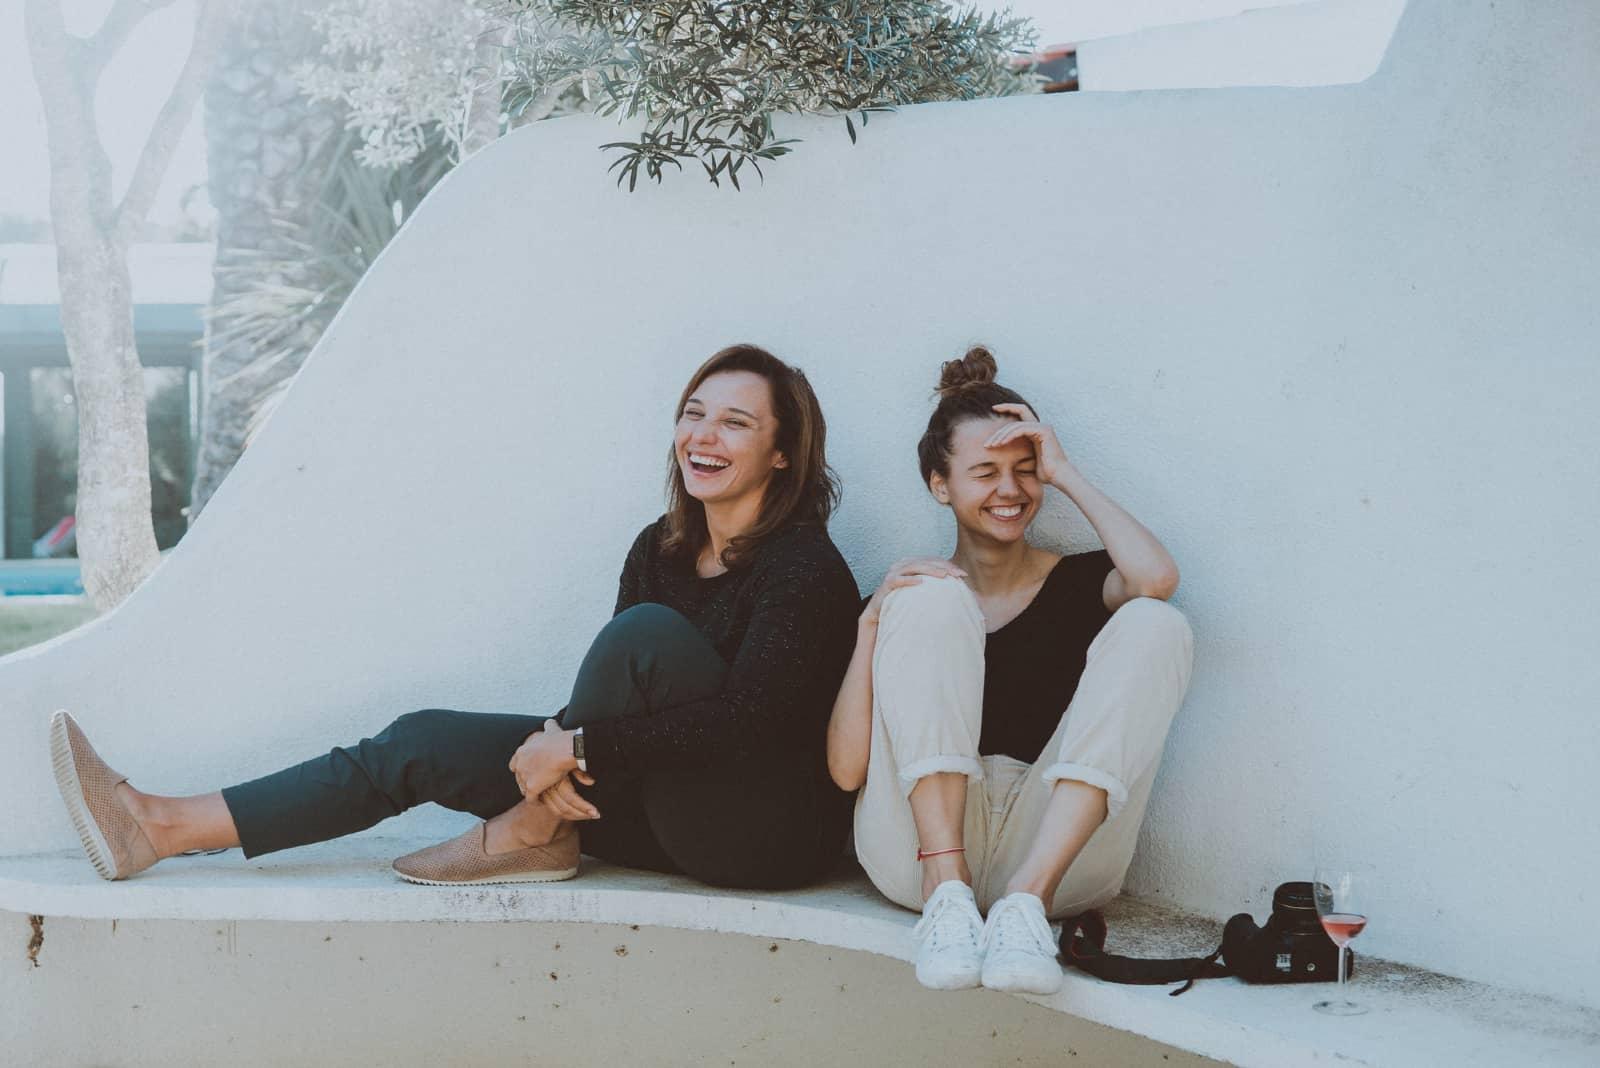 deux femmes qui rient en s'asseyant sur du béton